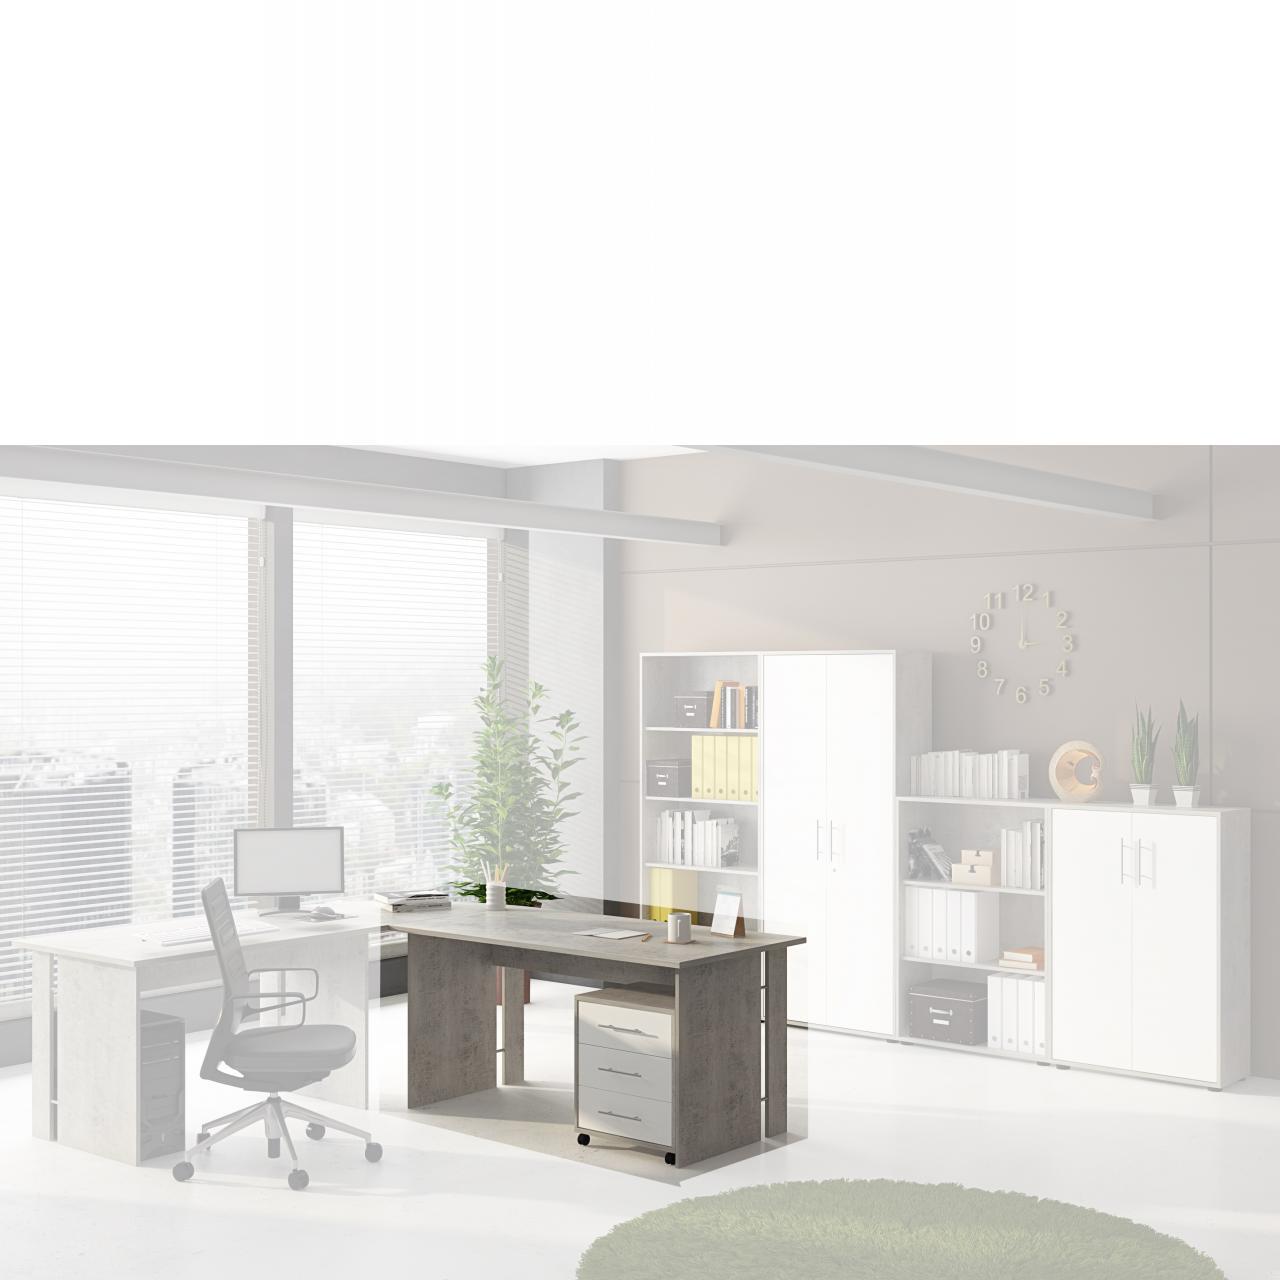 Schreibtisch Bonn in Beton Optik 150 cm